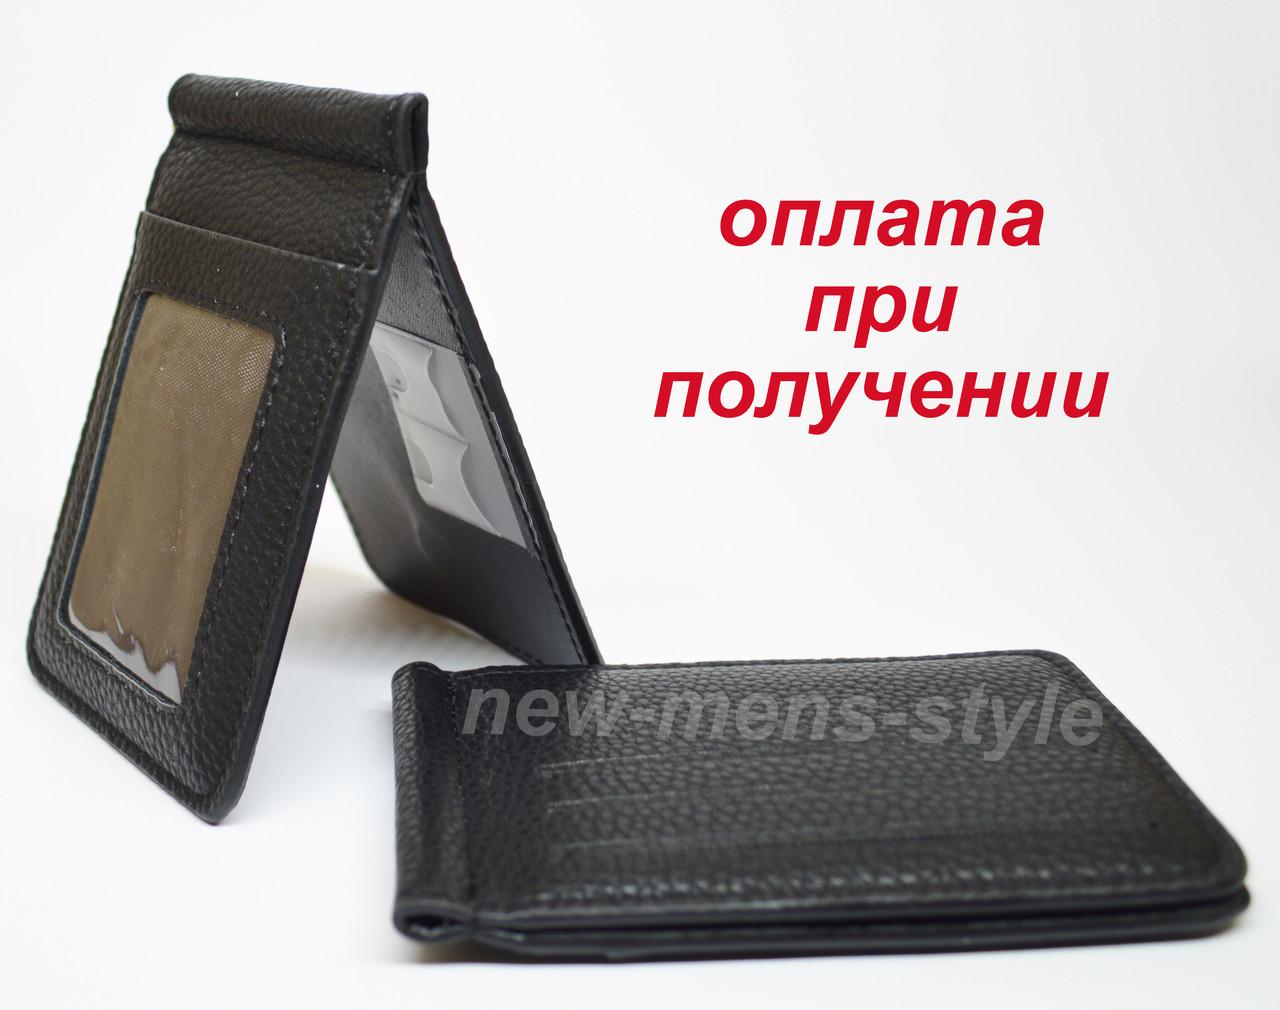 Чоловічий шкіряний шкіряний гаманець портмоне кліпса затиск для грошей New2